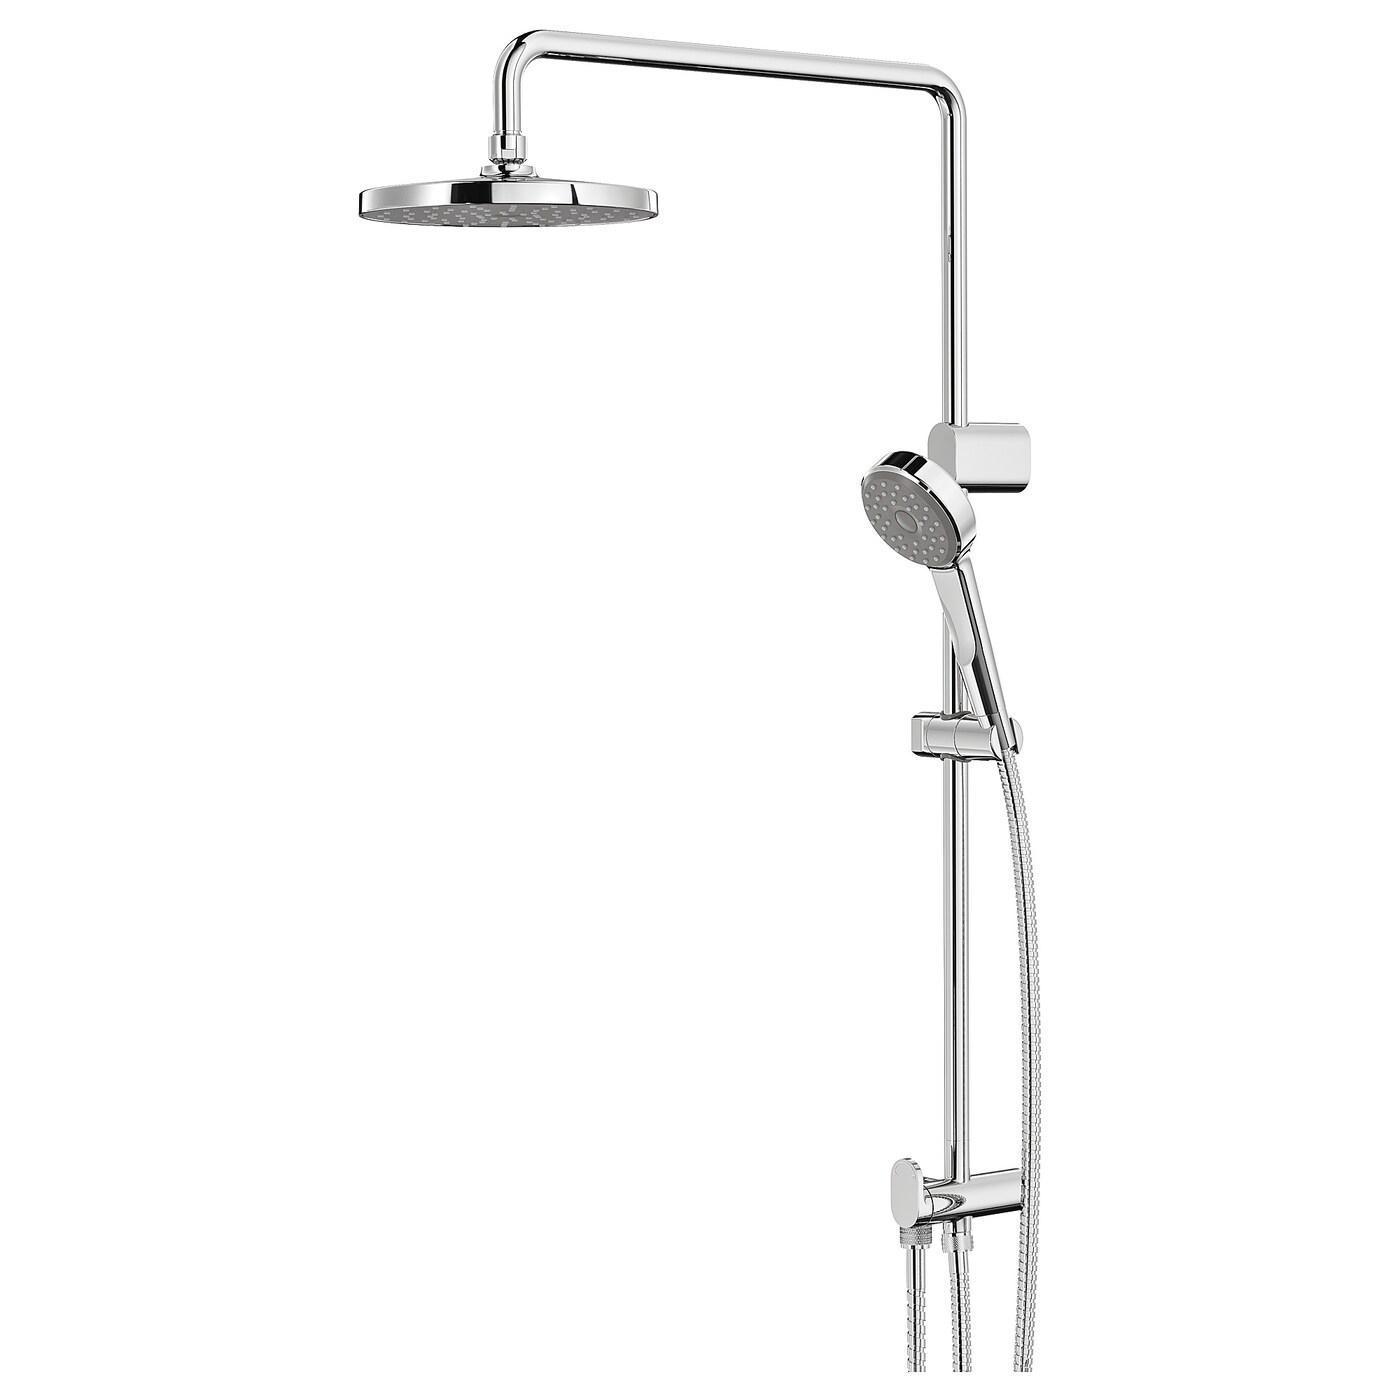 Accessori Per La Doccia Ikea.Brogrund Set Doccia Soffione Doccetta Deviat Cromato Ikea It